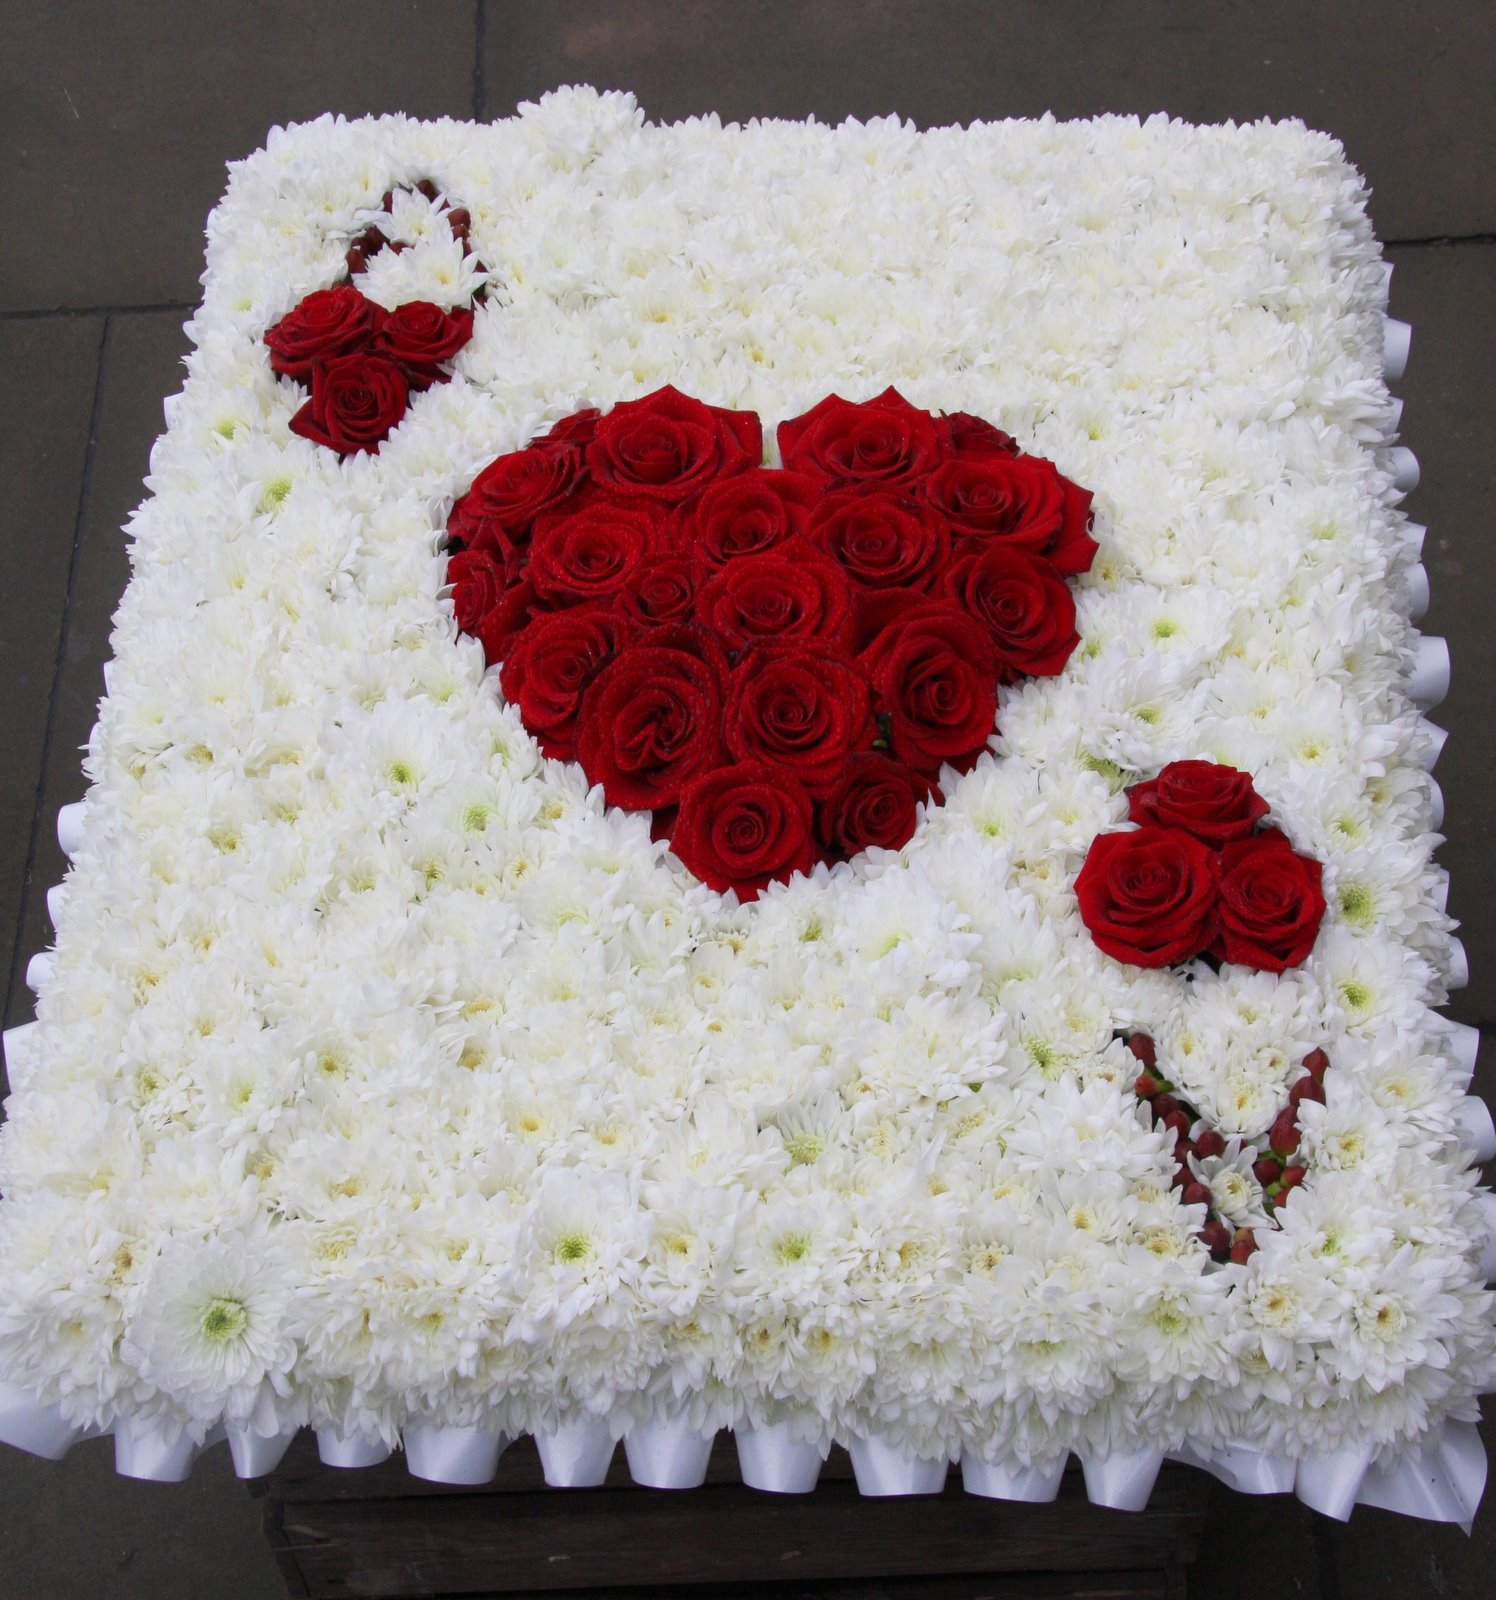 Kathleens florist blackpool ace of hearts funeral tribute ace of hearts funeral tribute reviewsmspy